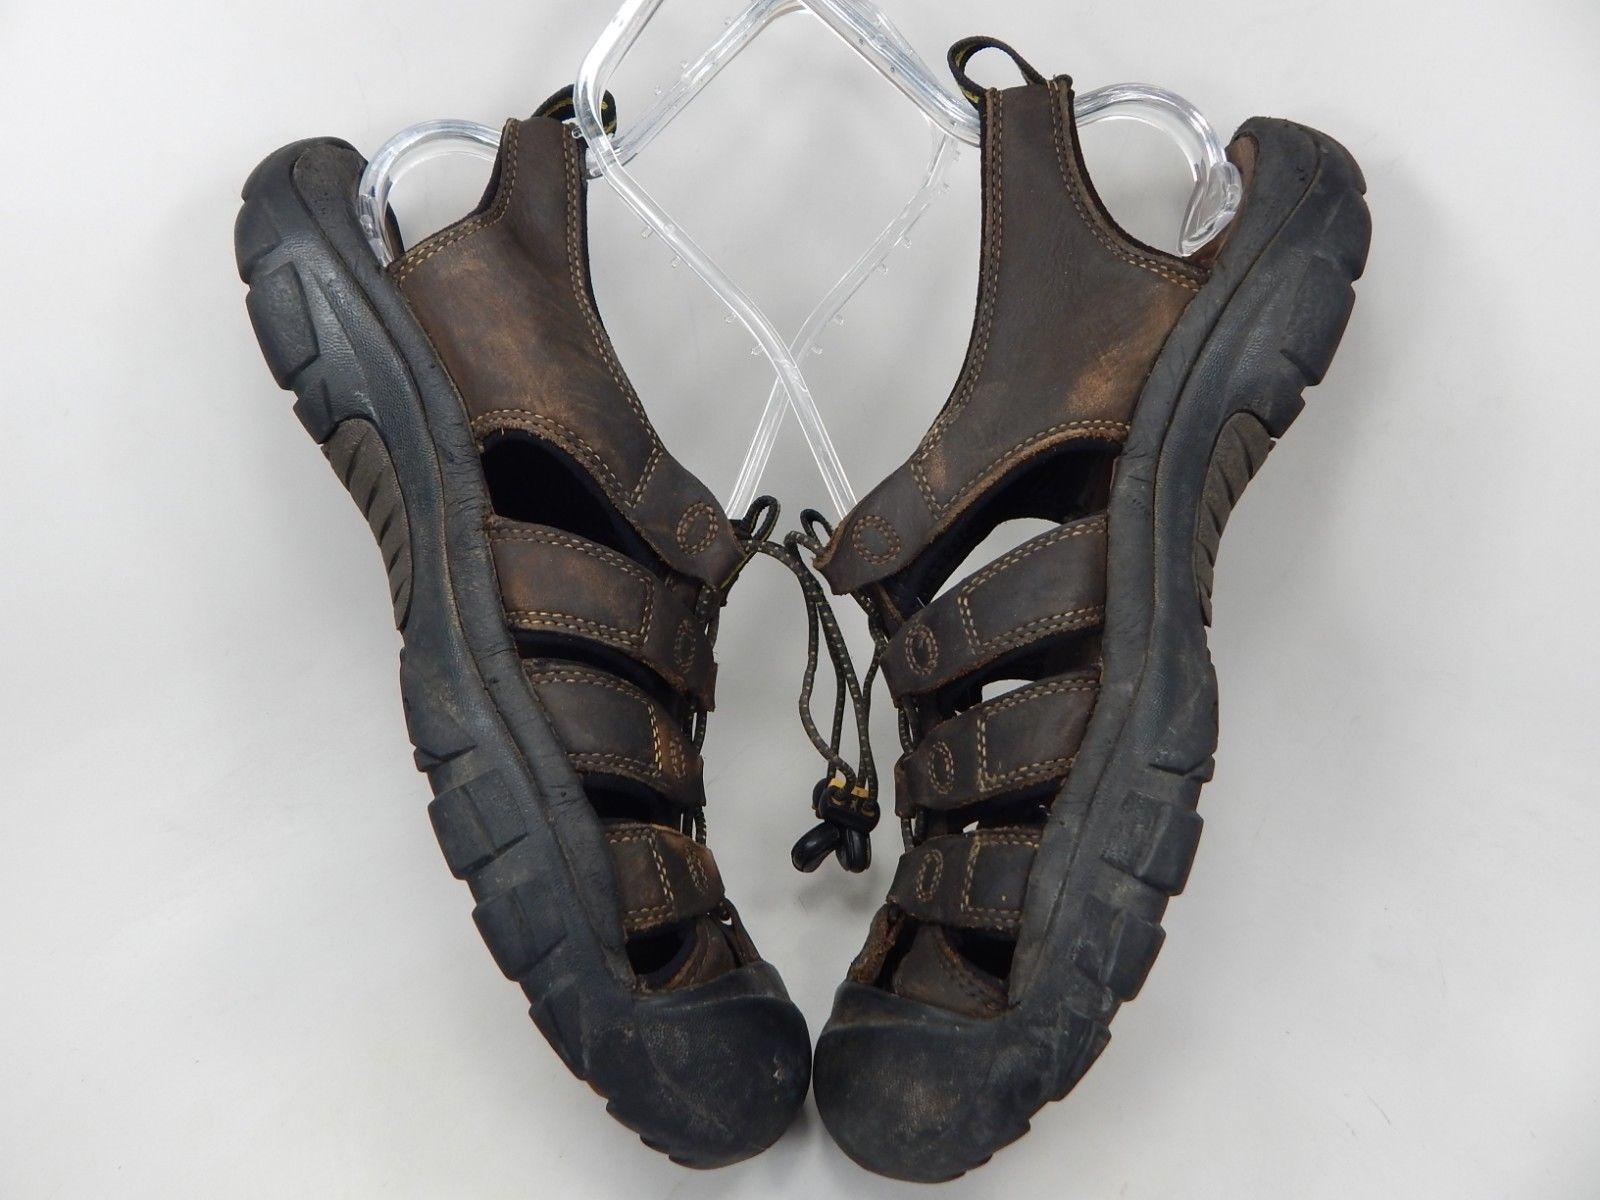 Keen Newport Size US 10.5 M (D) EU 44 Men's Sport Sandals Shoes Brown Leather